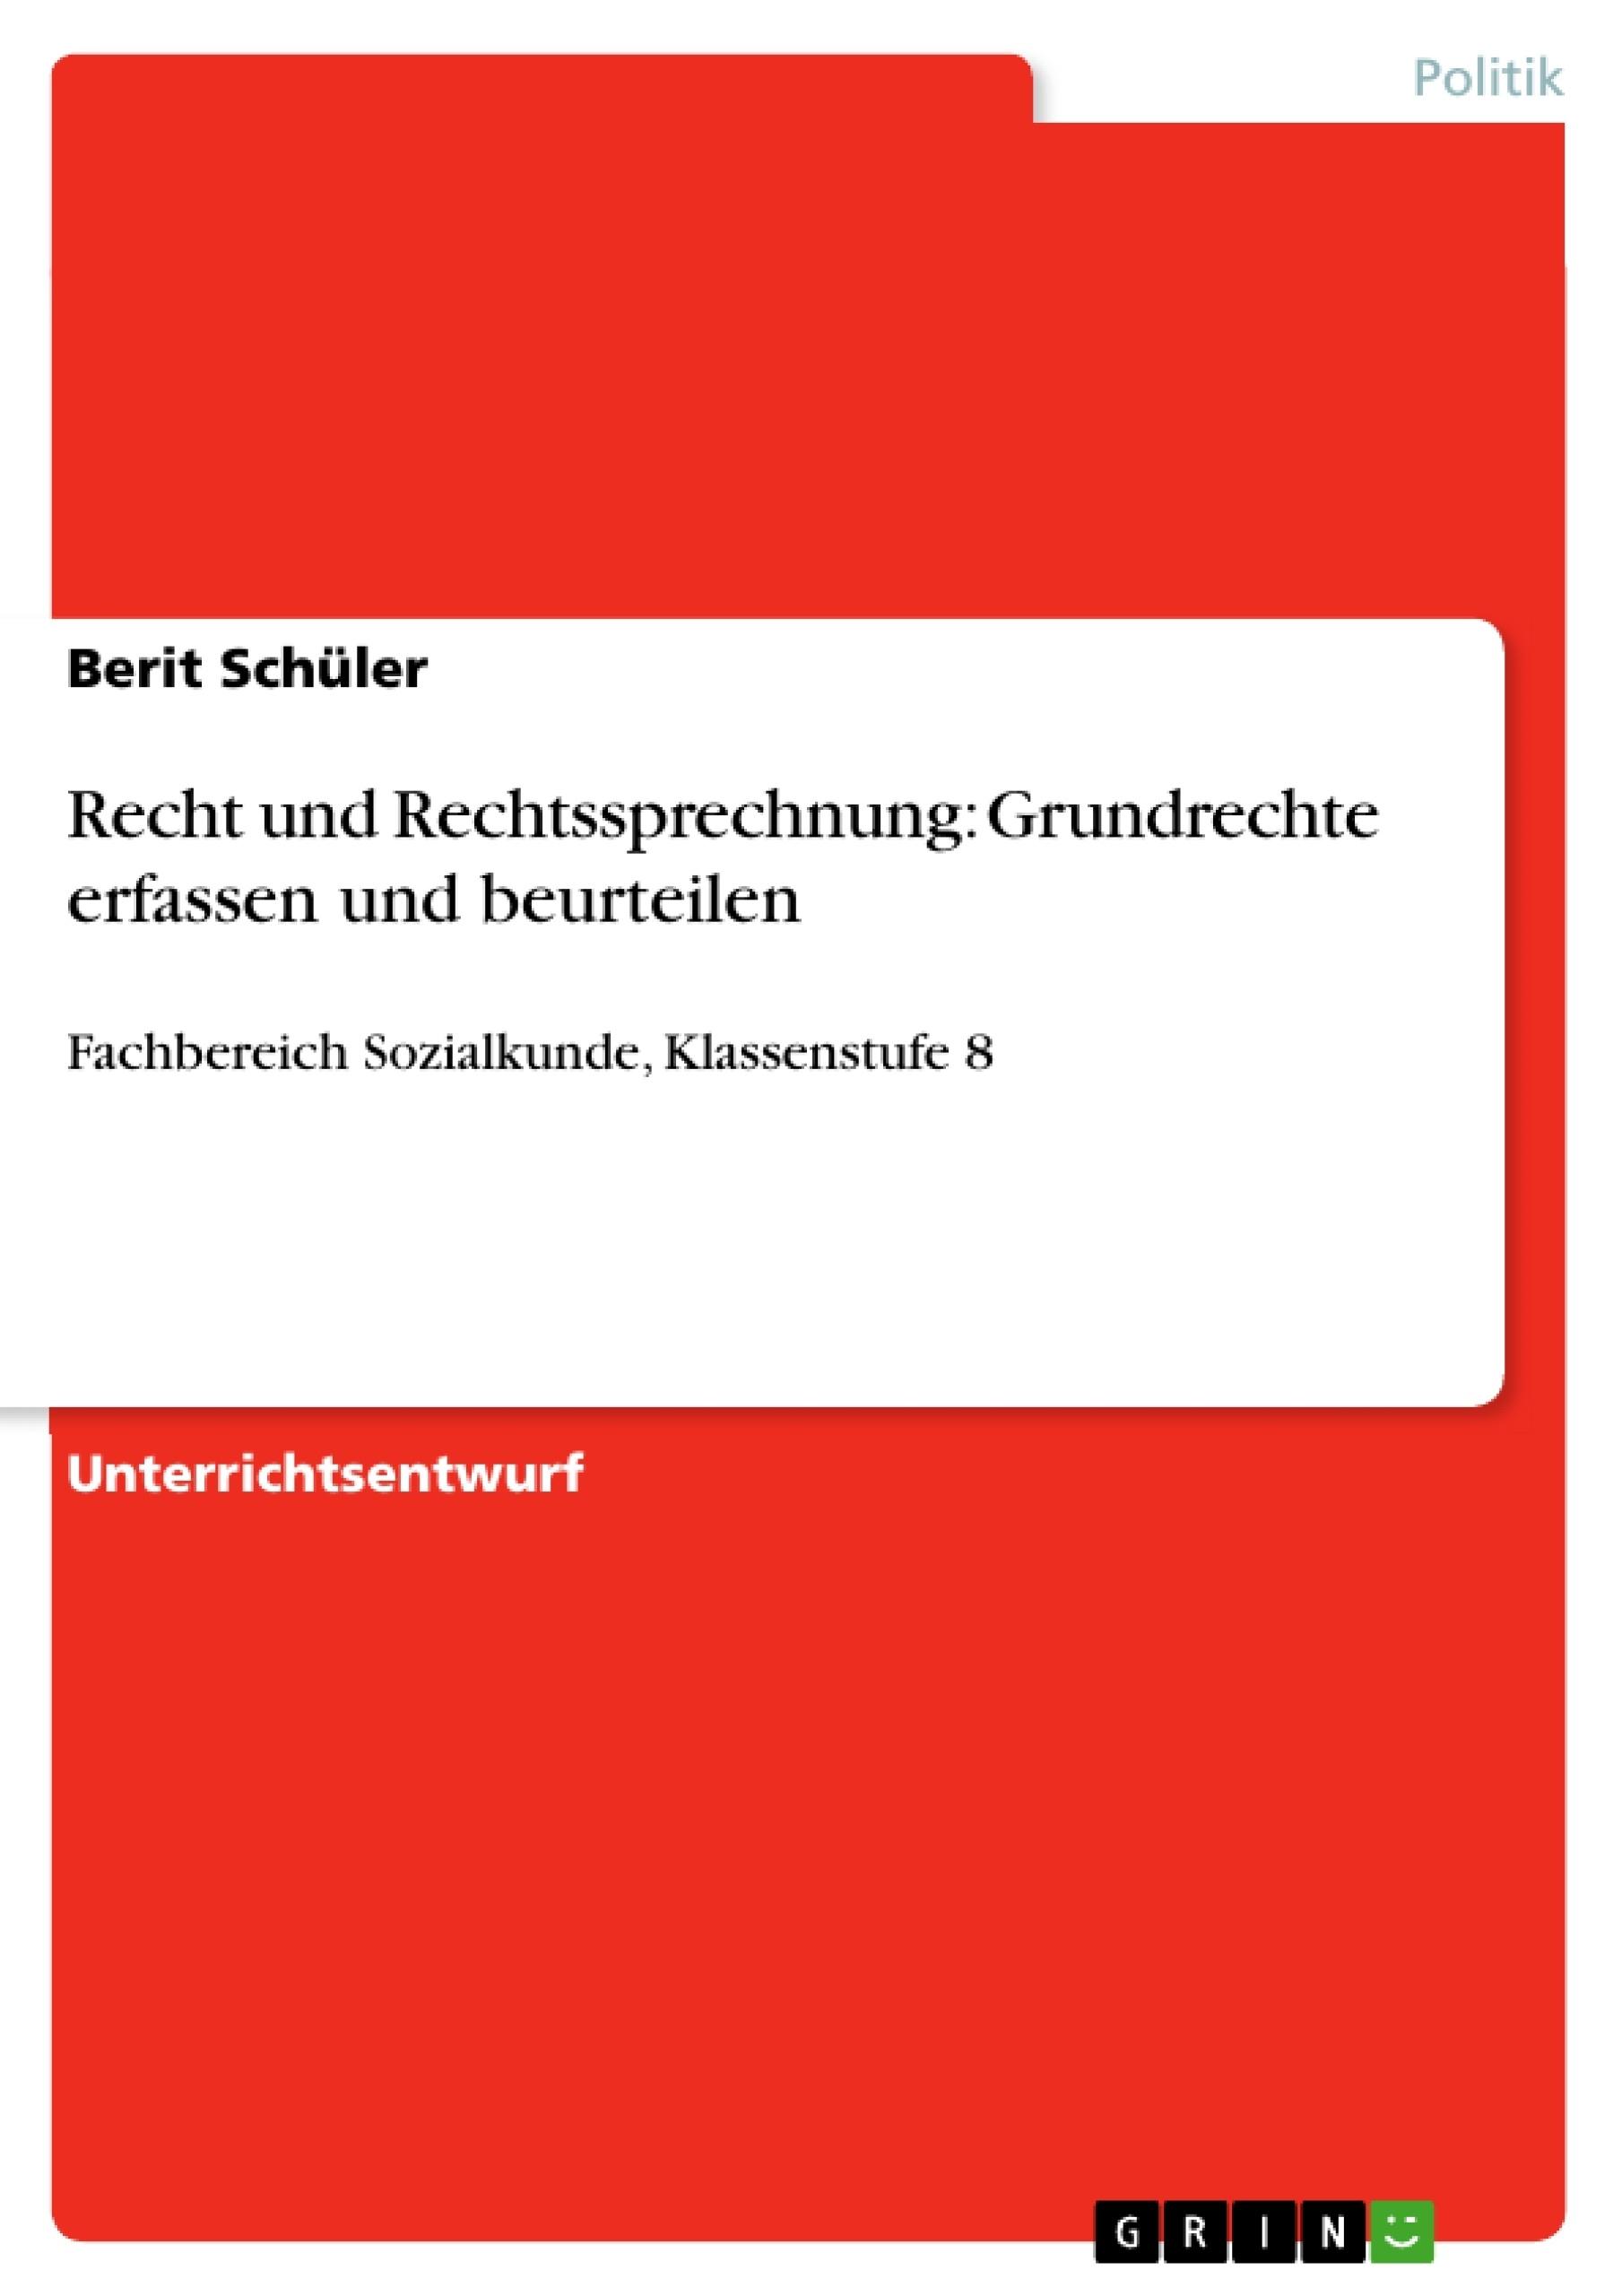 Titel: Recht und Rechtssprechnung: Grundrechte erfassen und beurteilen